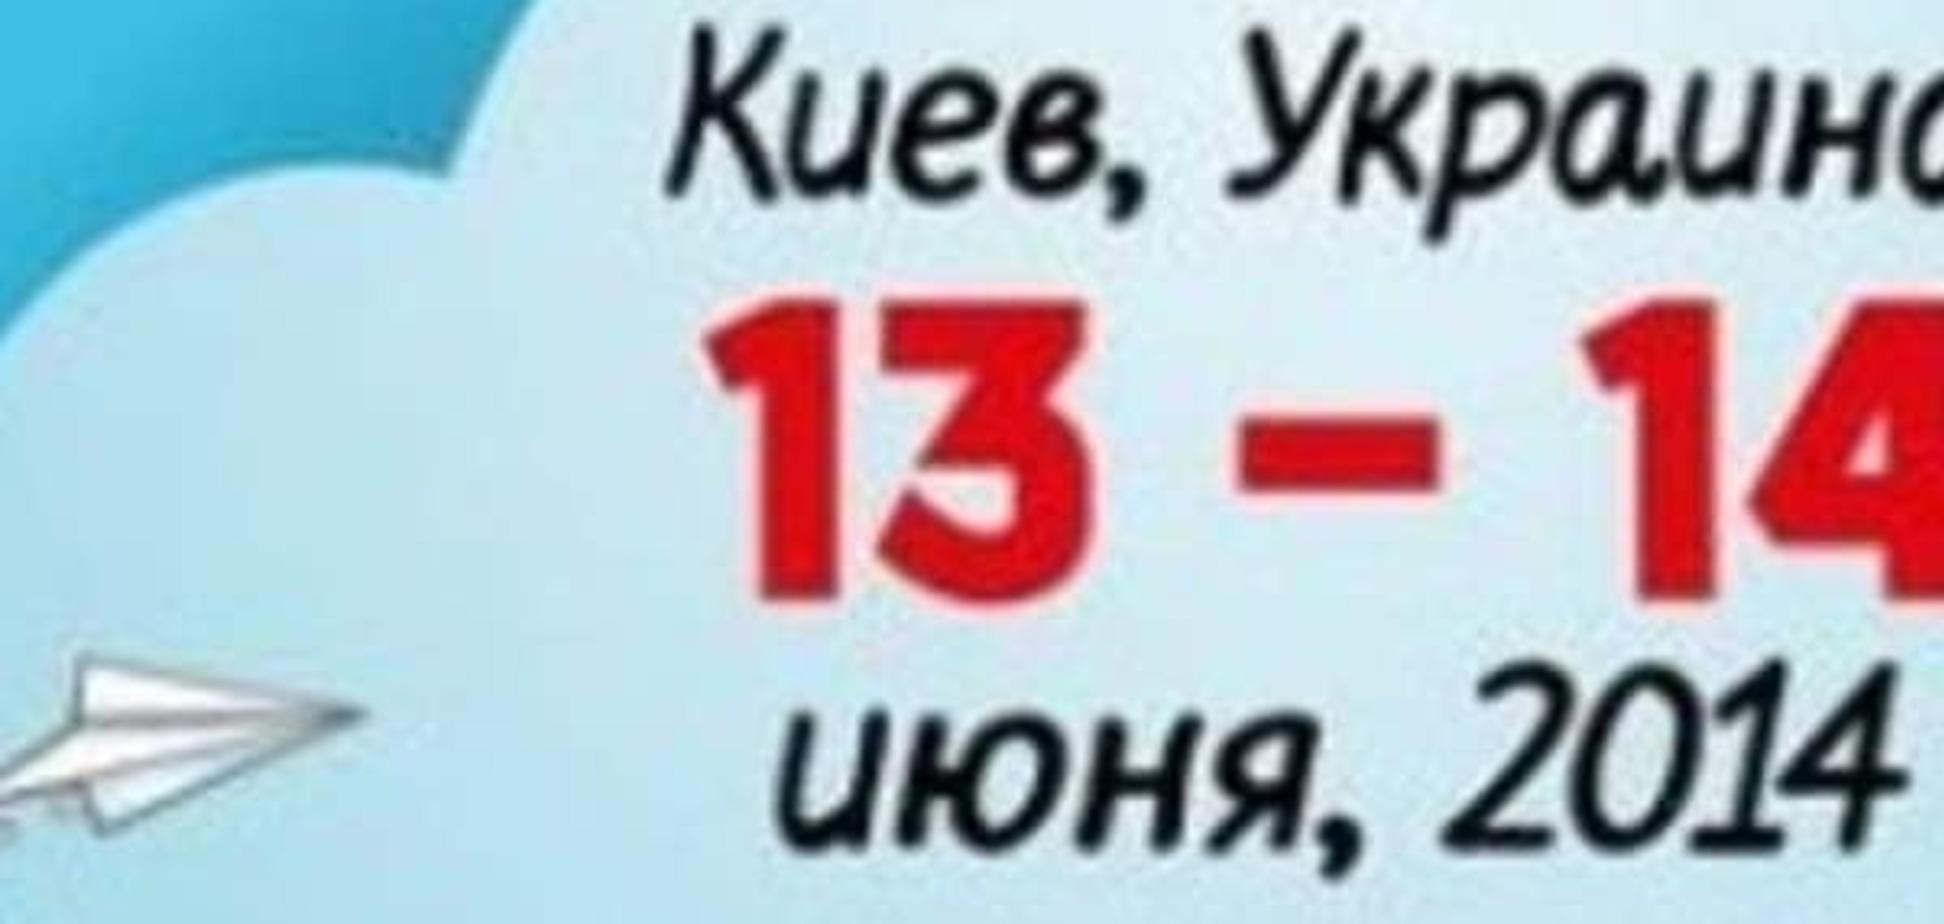 13-14 июня 2014 года в Киеве состоится V Выставка-форум для родителей «Я буду Мамой!»